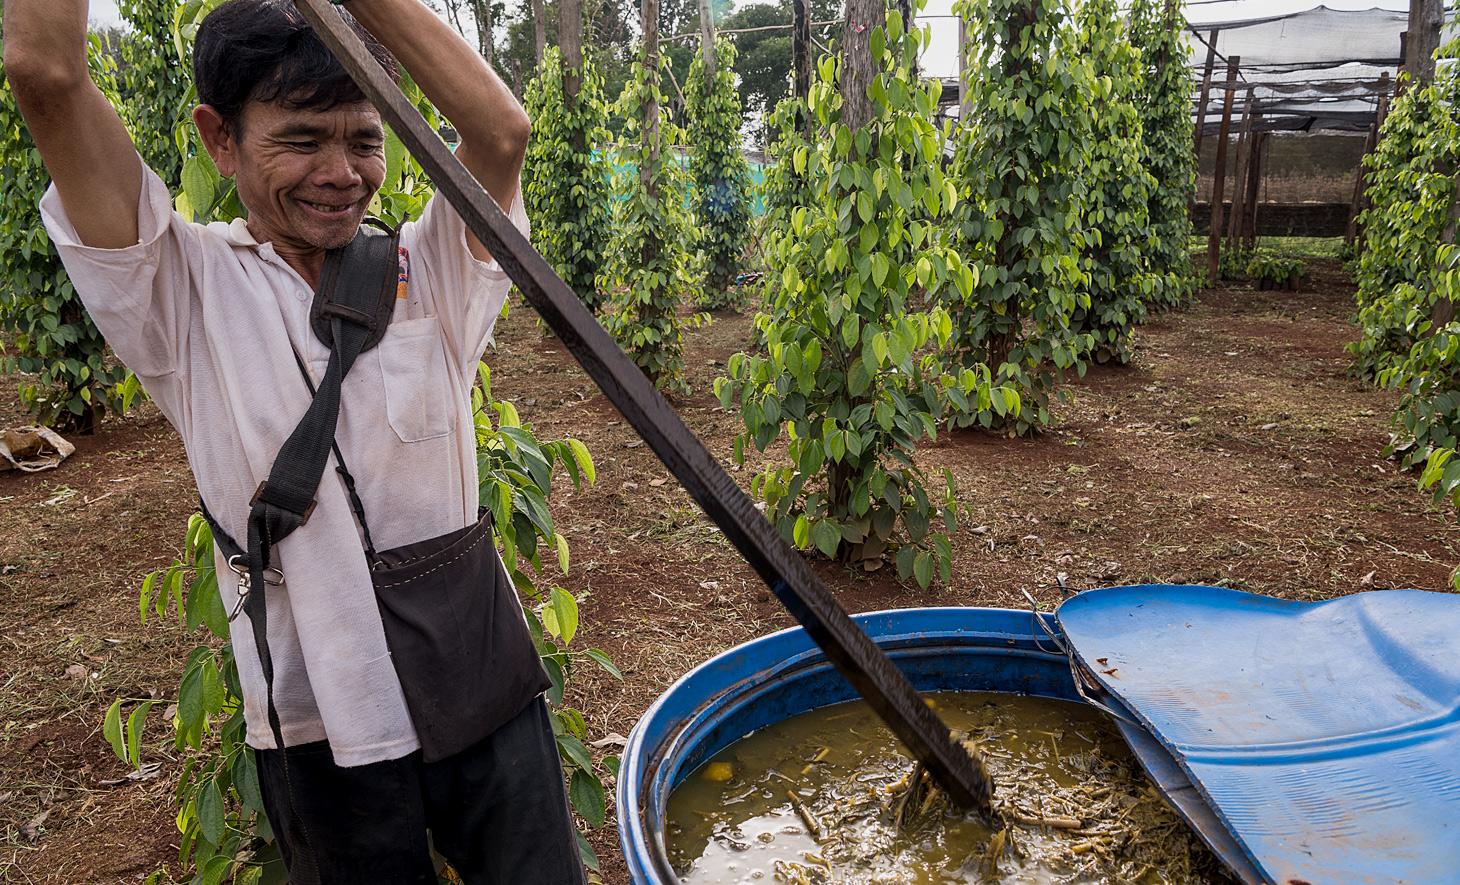 Pokhat Seav mischt seinen flüssigen Dünger aus Kürbis, Papaya und Büffelkot mit menschlichem Urin, was sich gut auf seine Pfefferpflanzen auswirkt.